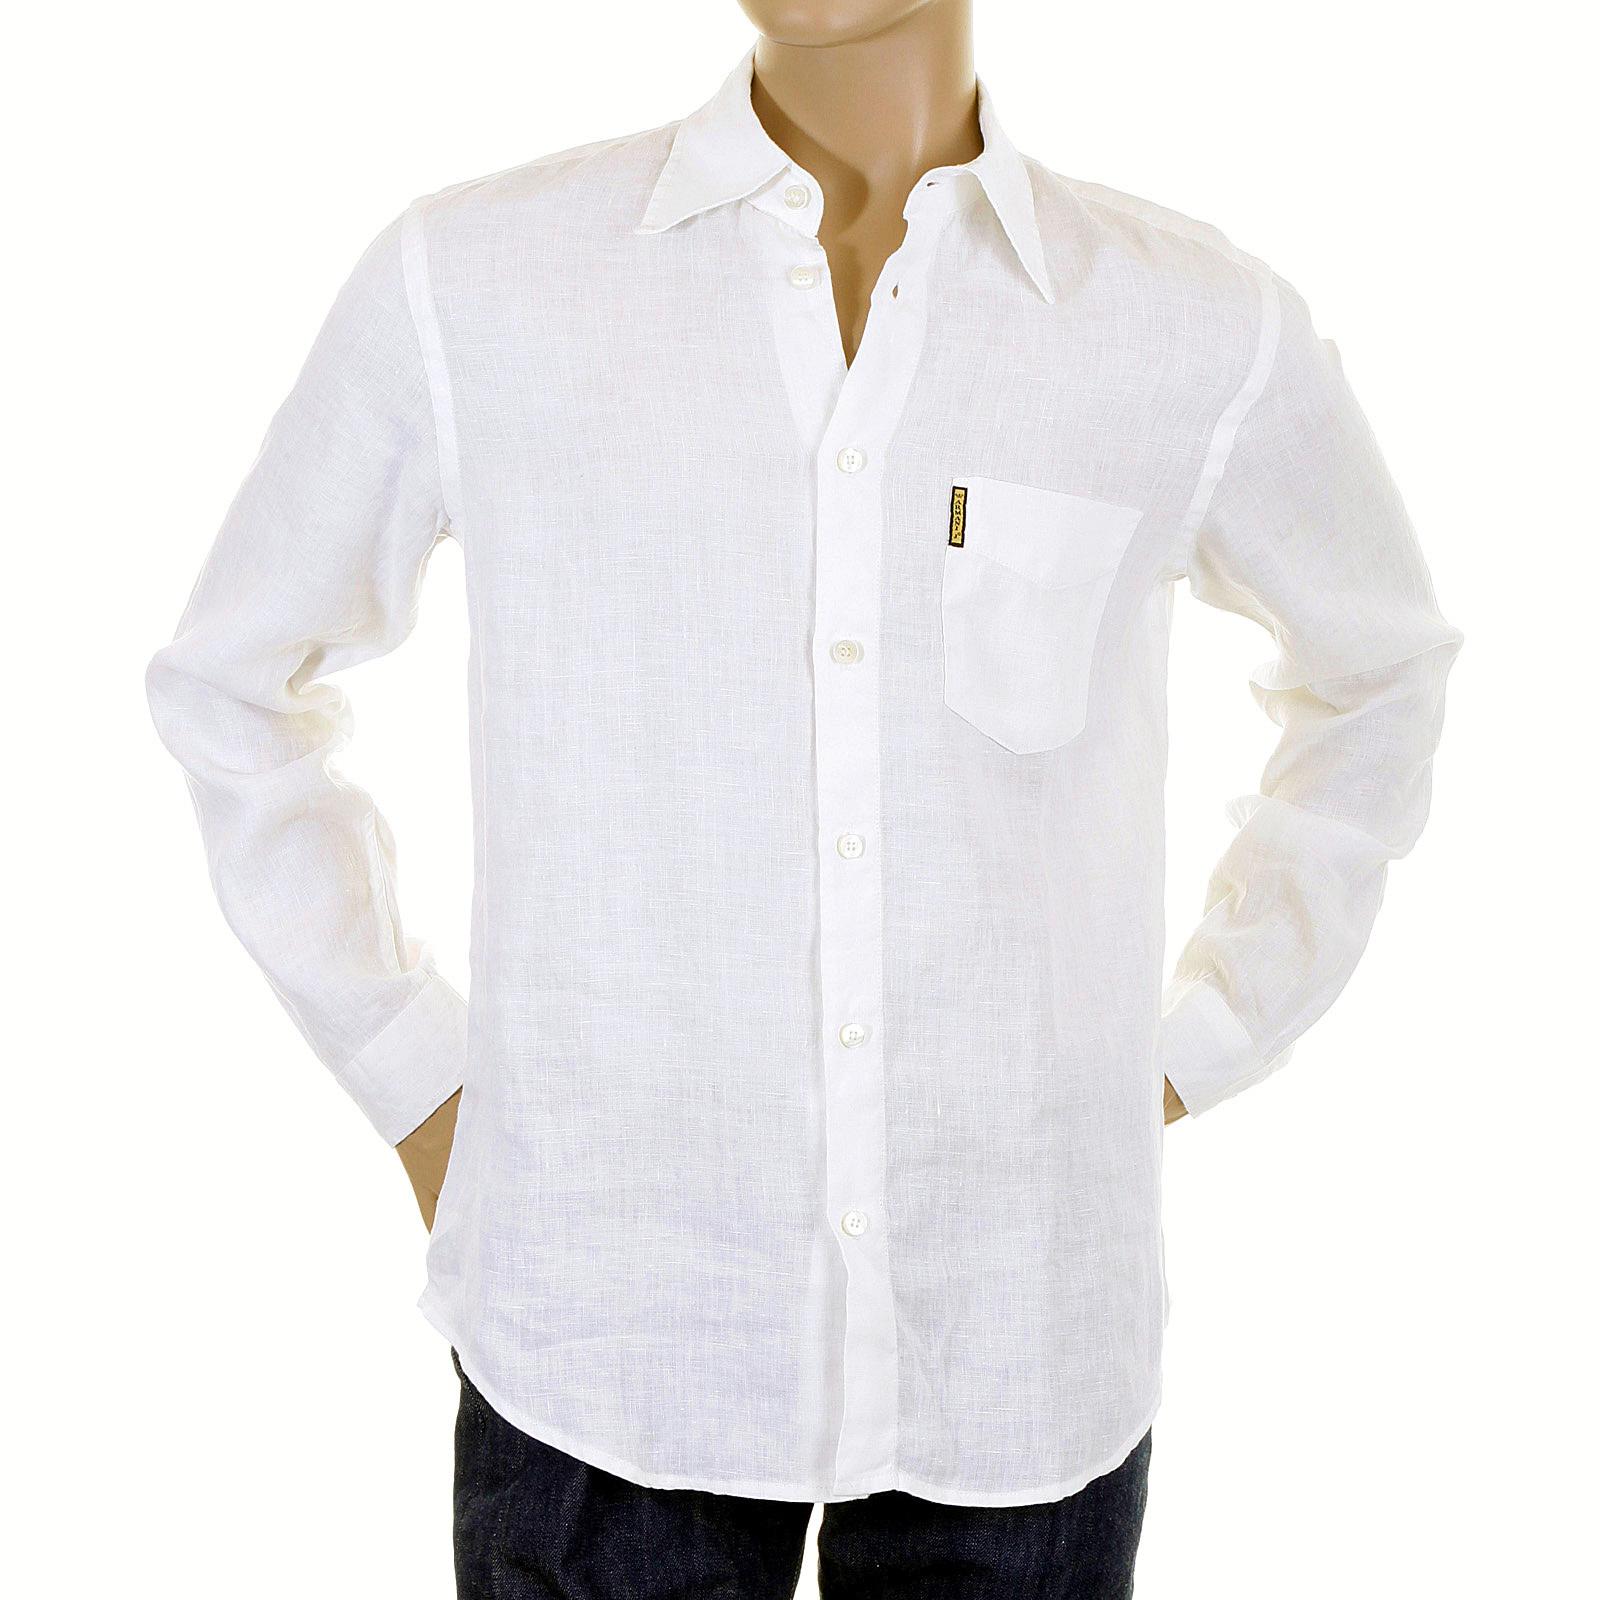 Armani Jeans Shirt White